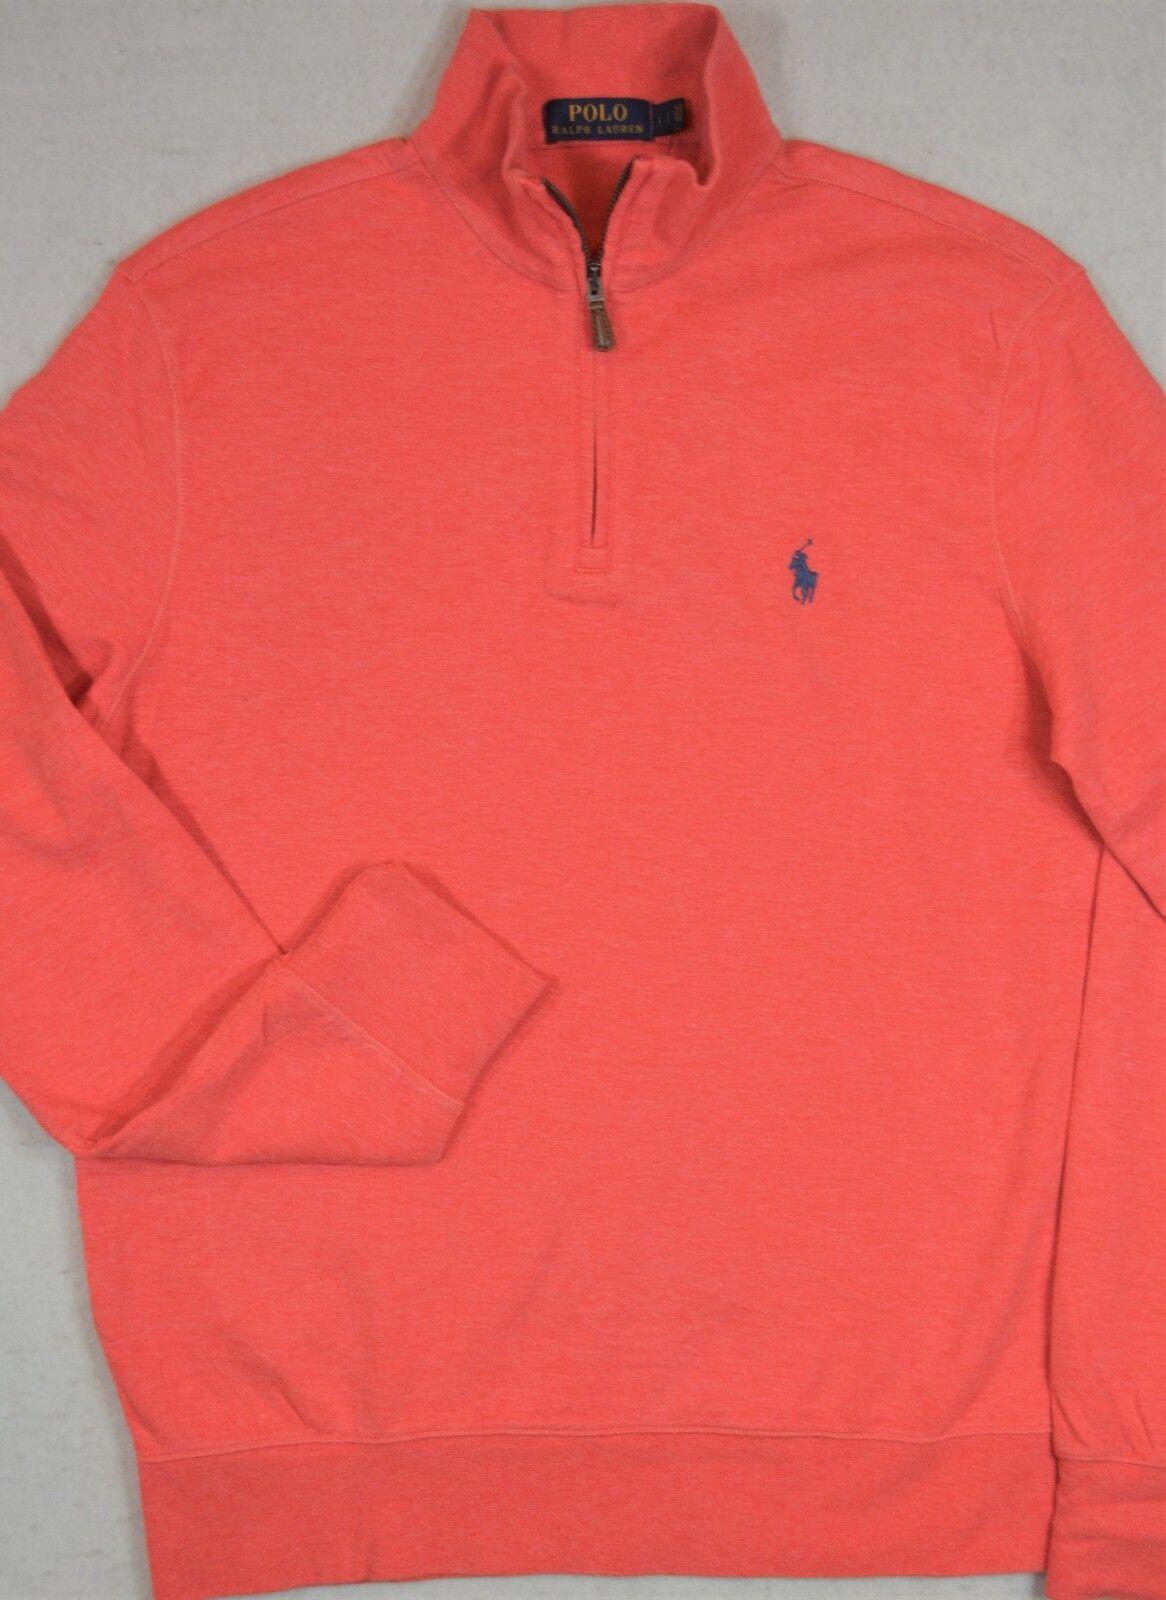 Polo Ralph Lauren Lightweight Jersey Pullover Half-Zip L & XL NWT